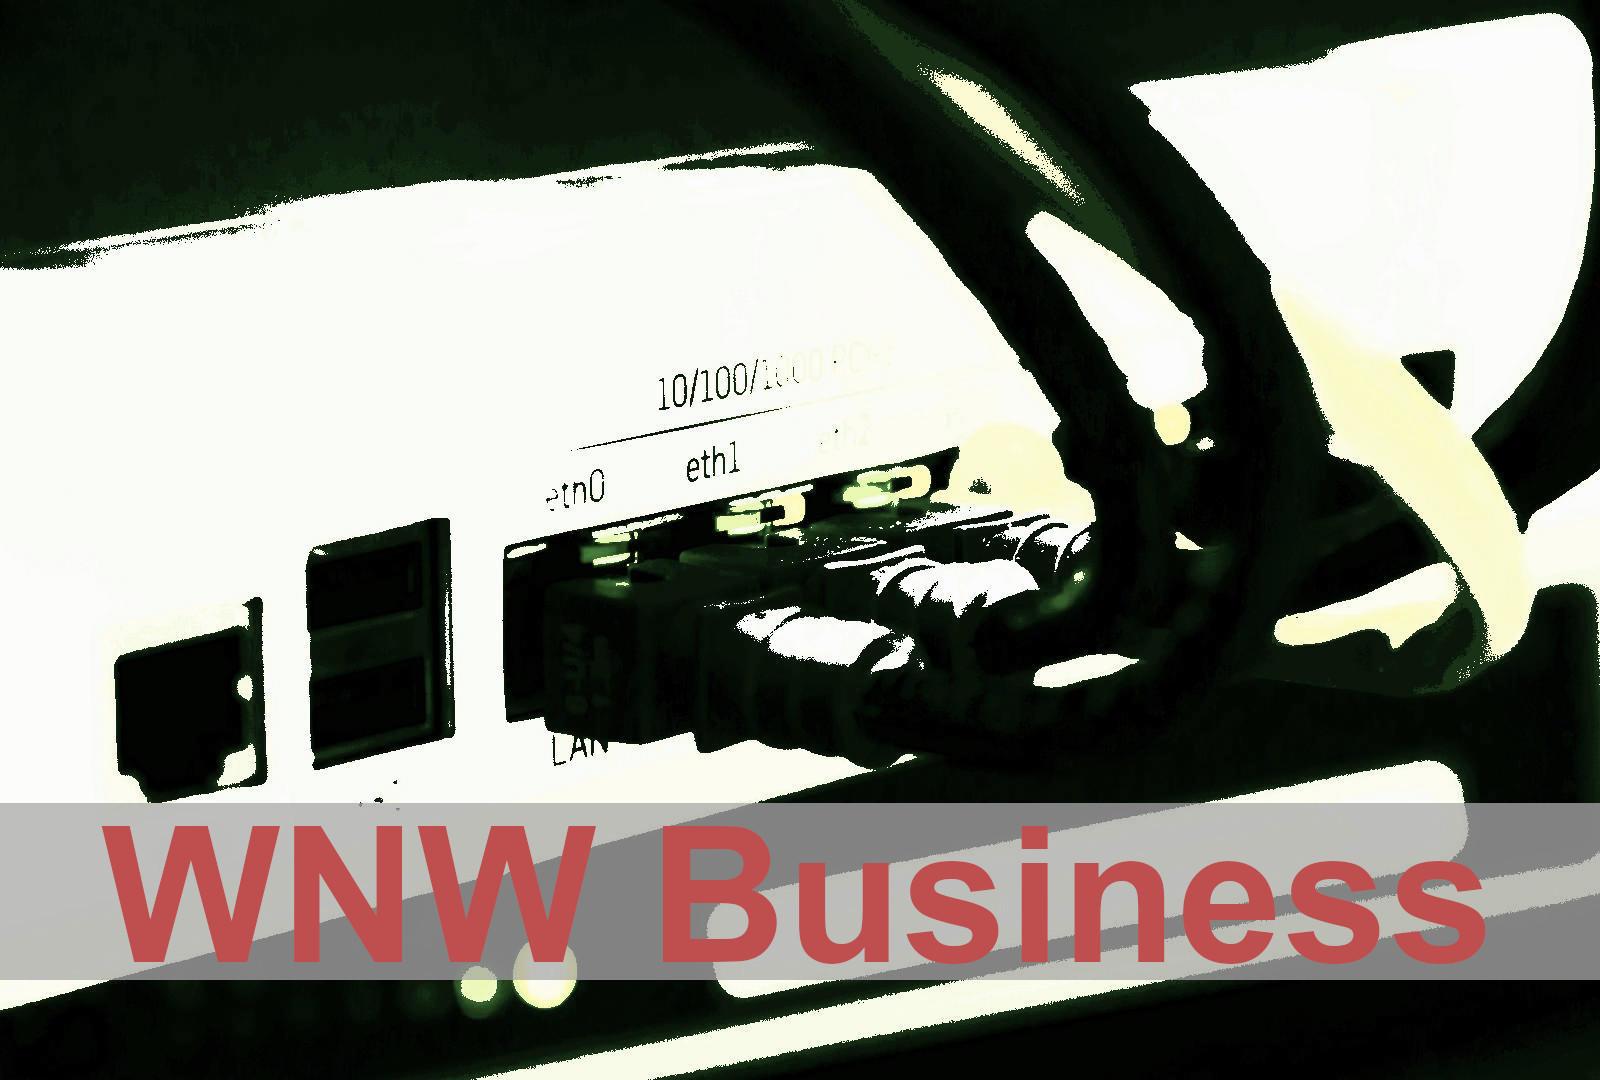 WNW - Business